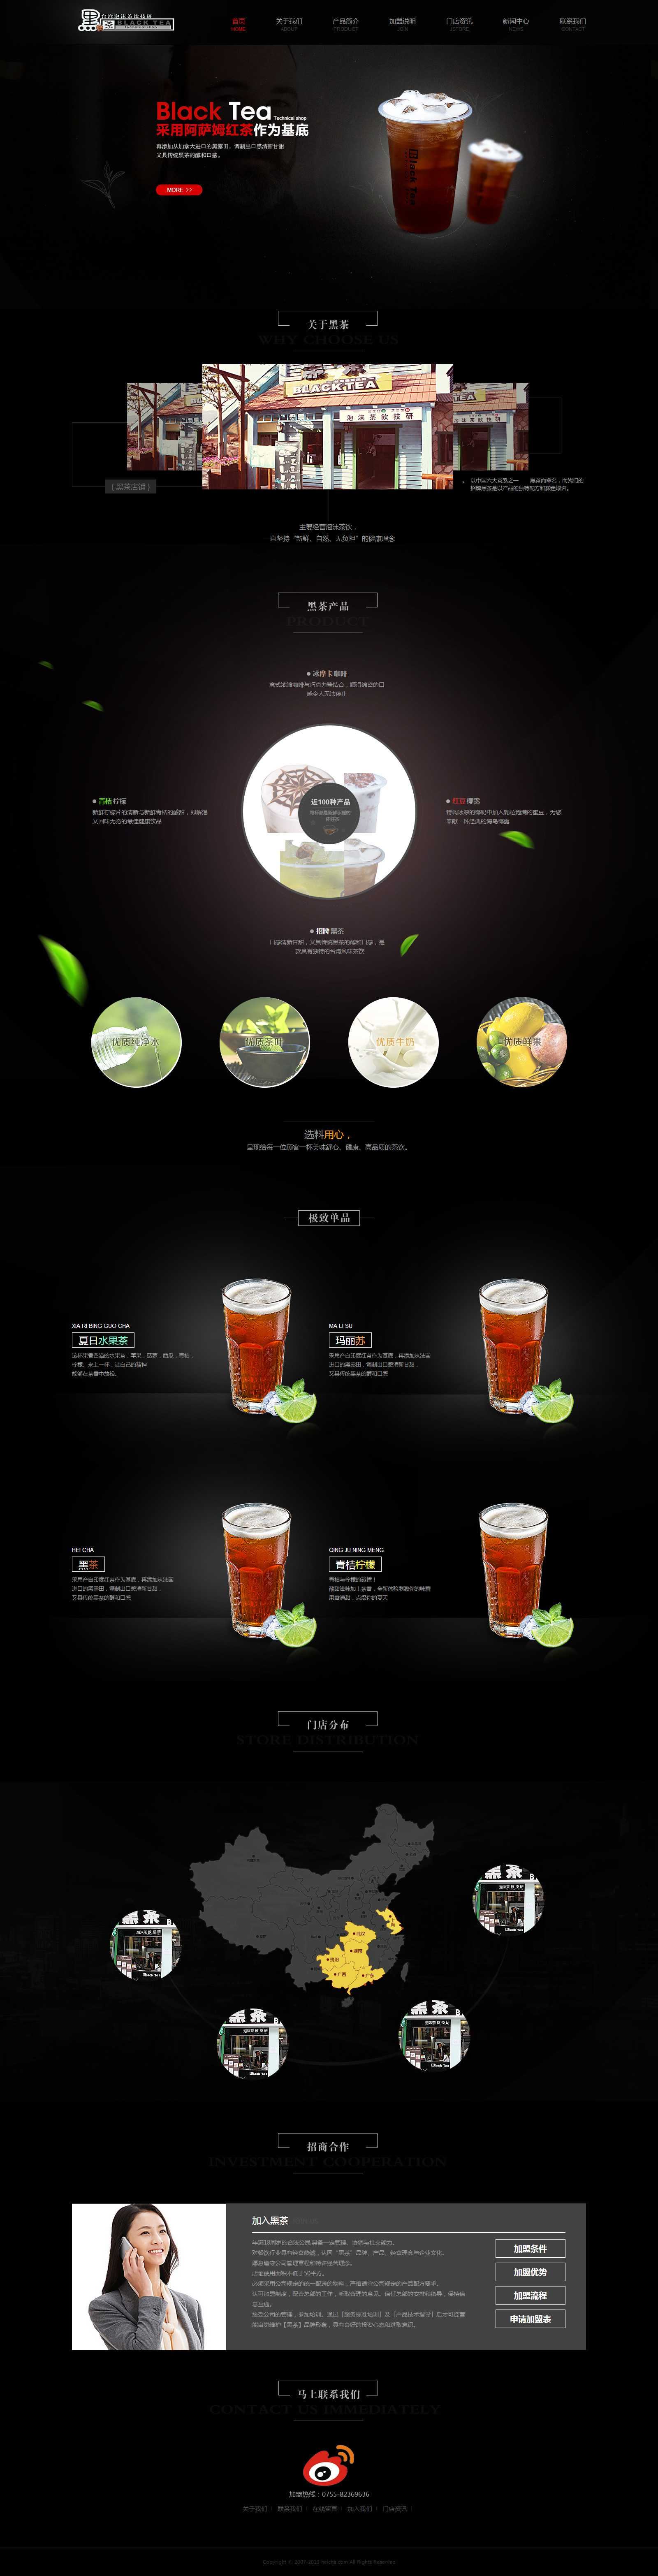 黑色的饮料茶公司响应式网站模板下载